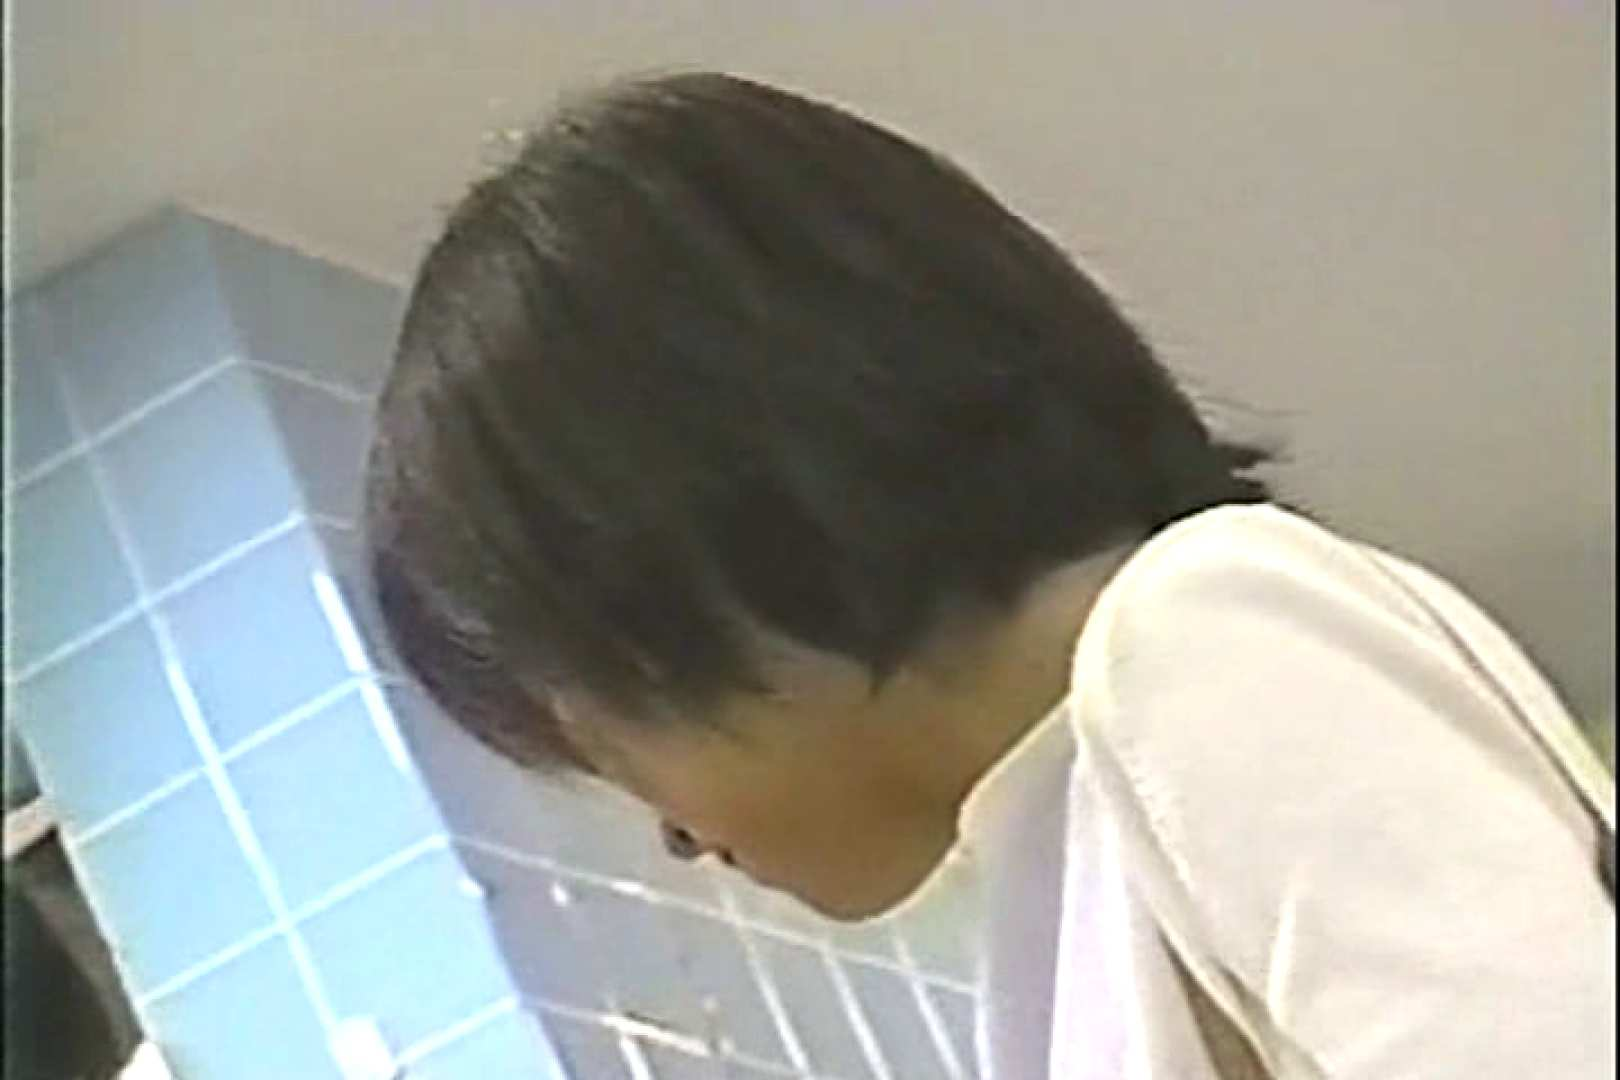 「ちくりん」さんのオリジナル未編集パンチラVol.3_01 レースクイーン  62枚 29